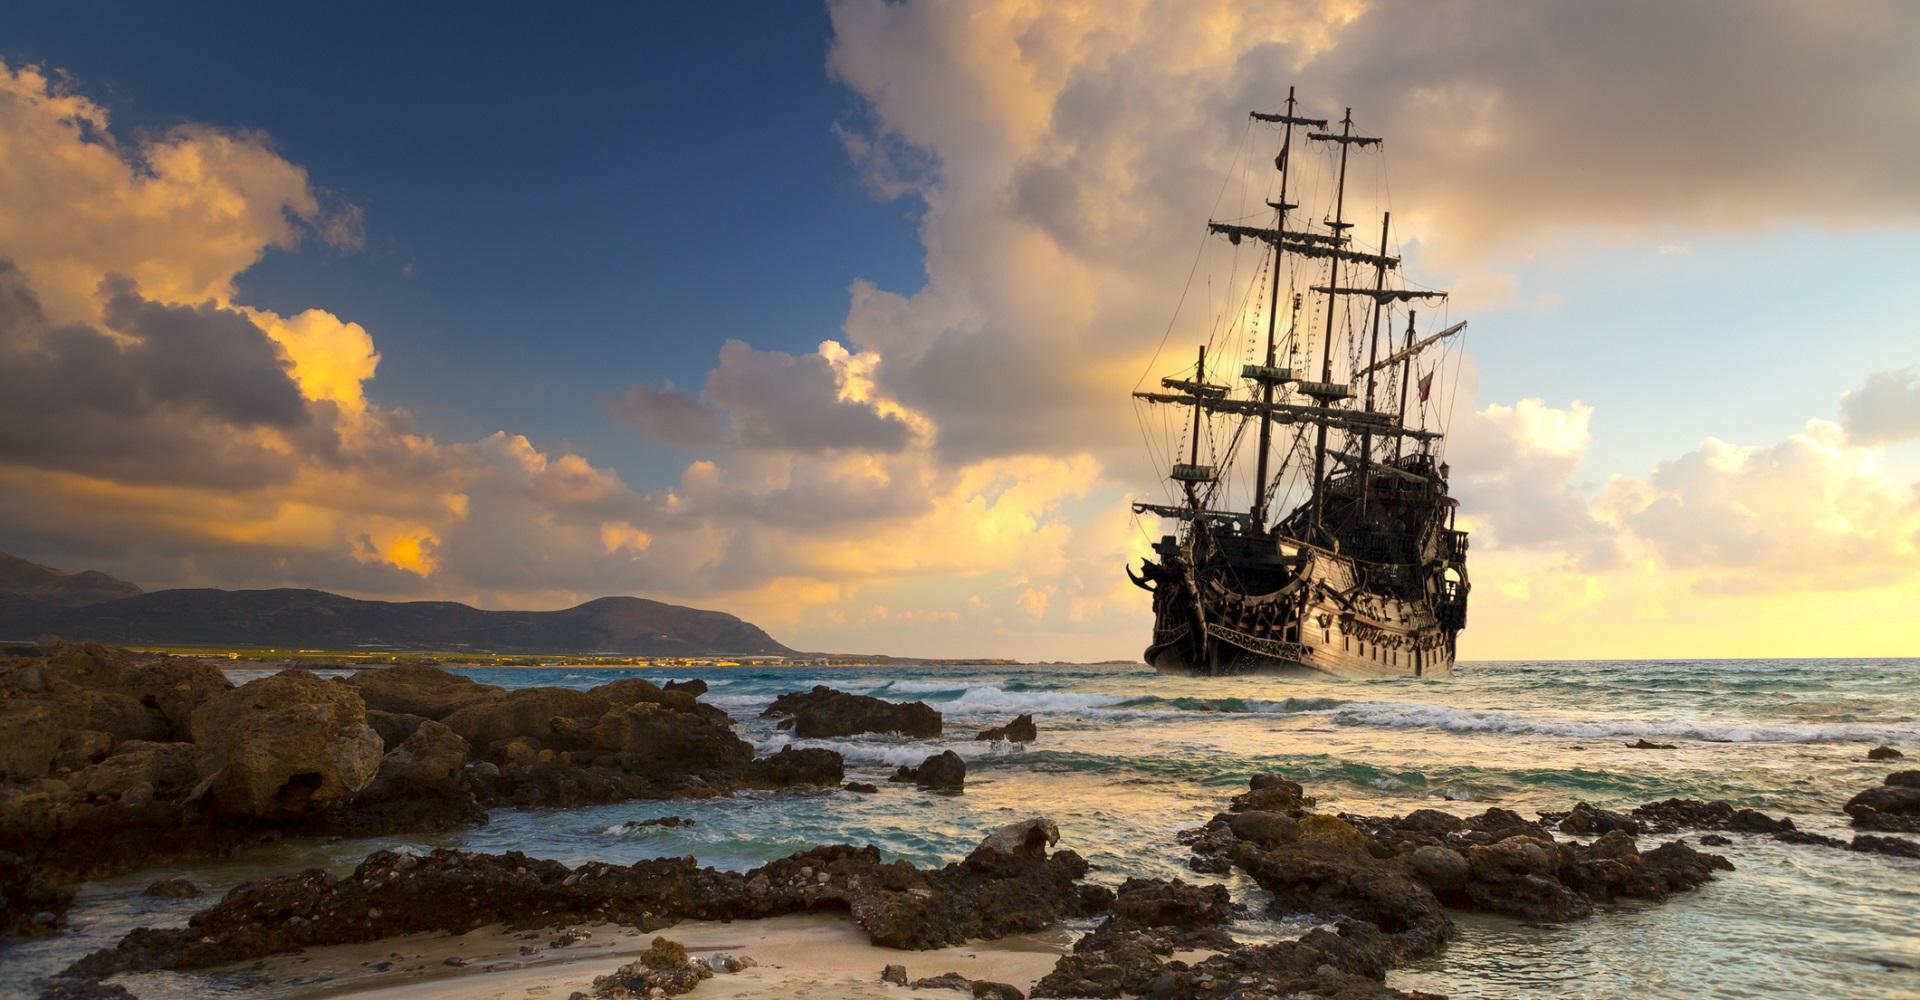 Piratenschiff wie am Drehort vor der australischen Ostküste